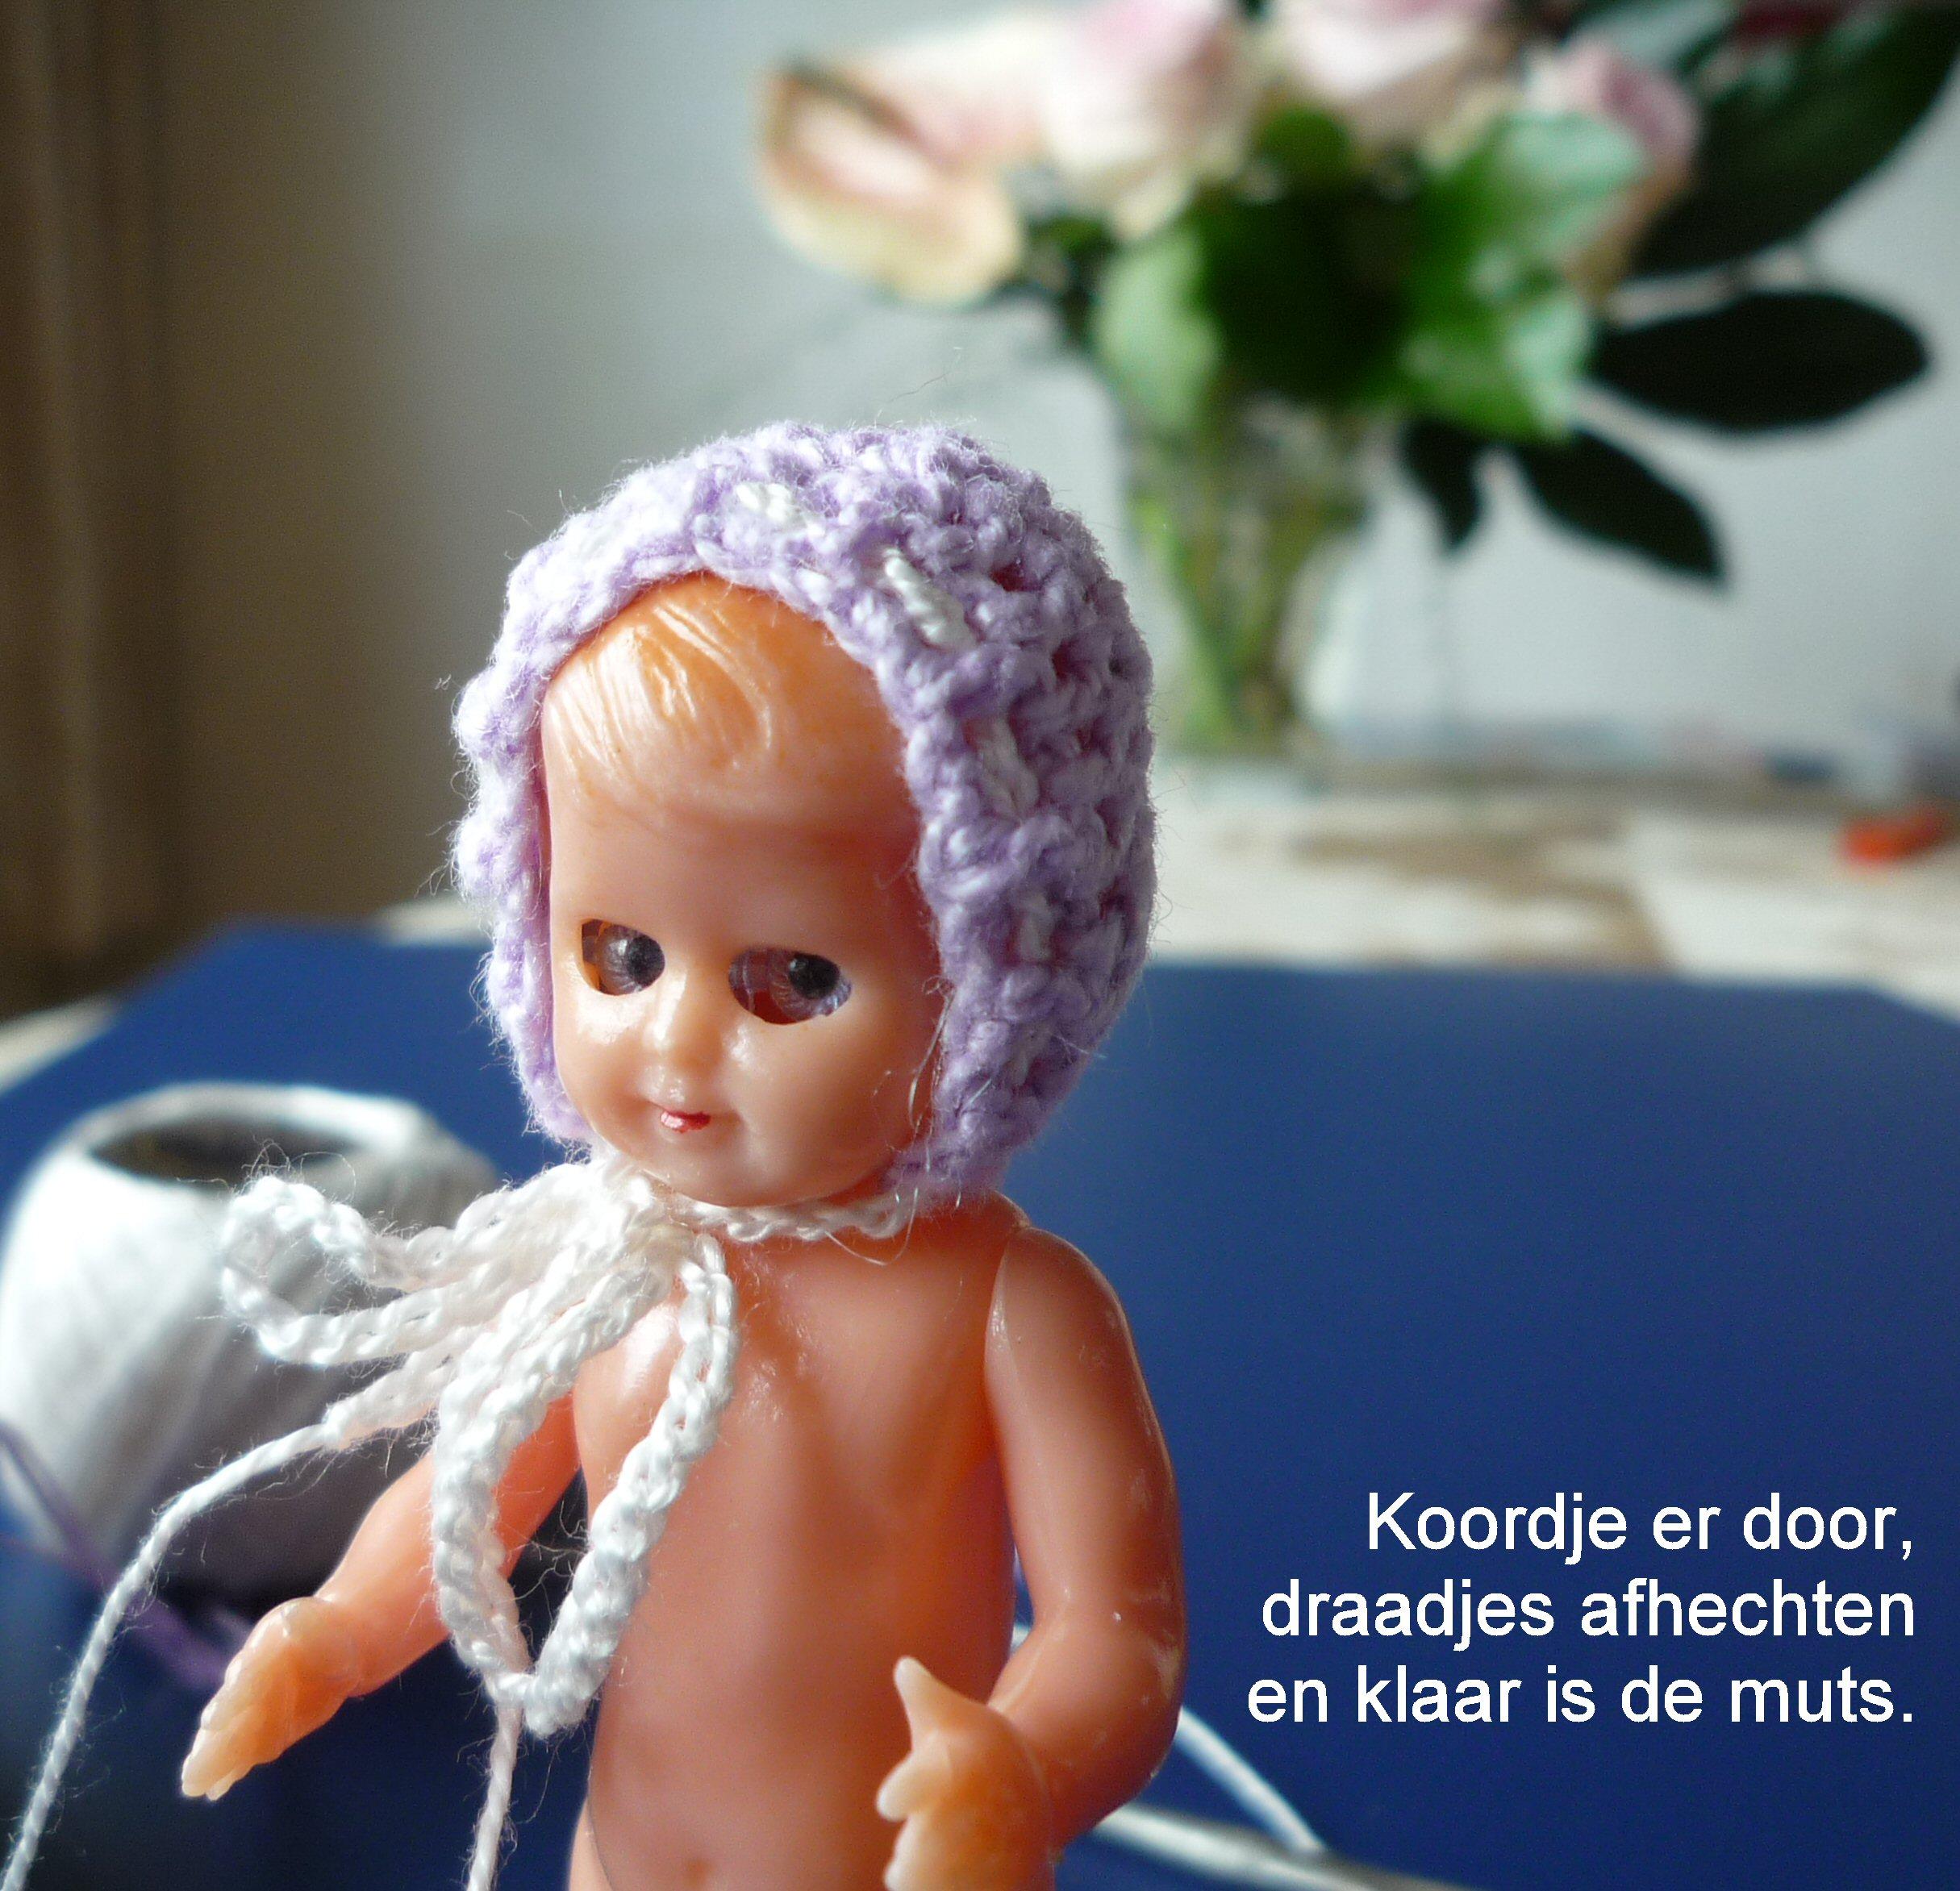 https://welkepopisdat.nl/afbeeldingen-Forum/DurvinaFotos/Mini%20kleertjes%20(10).JPG